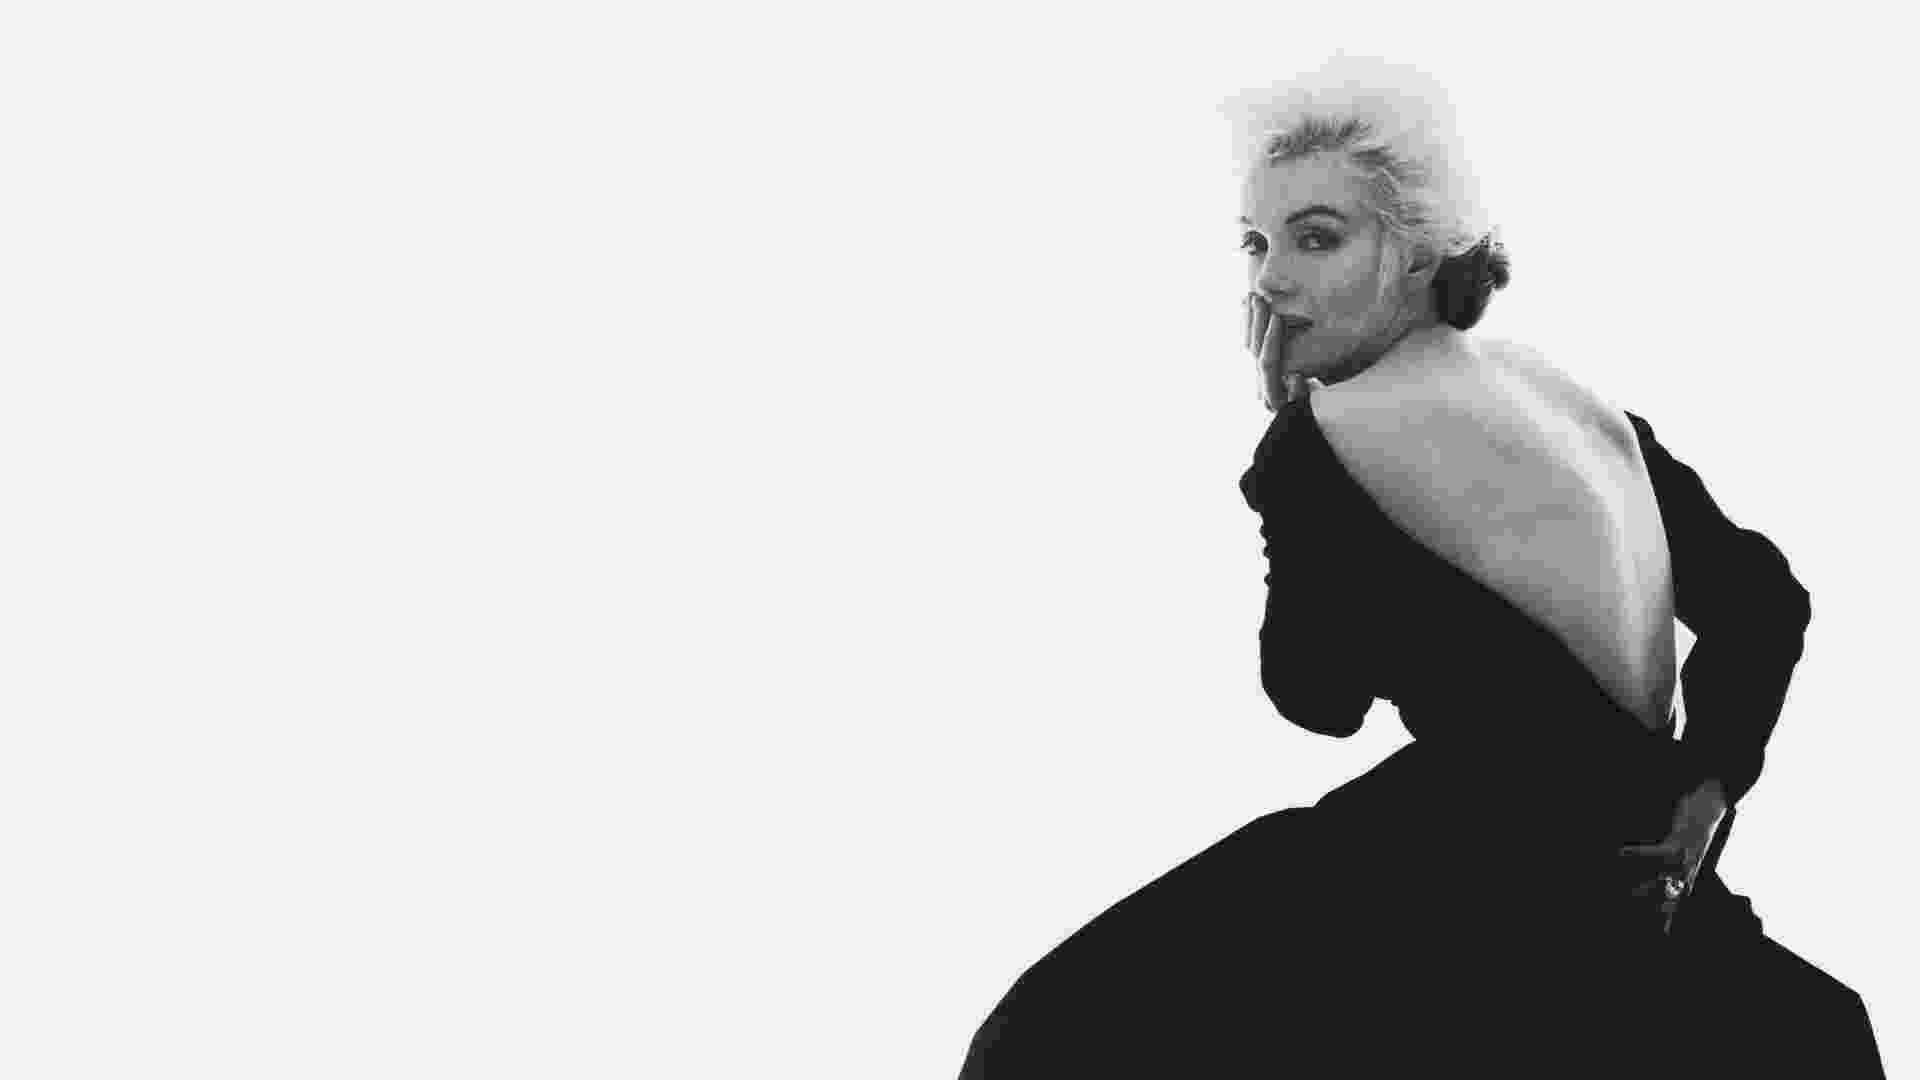 A atriz Marilyn Monroe em seu último ensaio fotográfico para a revista Vogue, tiradas pelo fotógrafo Bert Stern, em 1962, em uma suíte do hotel Bel-Air, em Los Angeles (EUA). As imagens foram feitas seis semanas antes da morte de Marilyn - Bert Stern